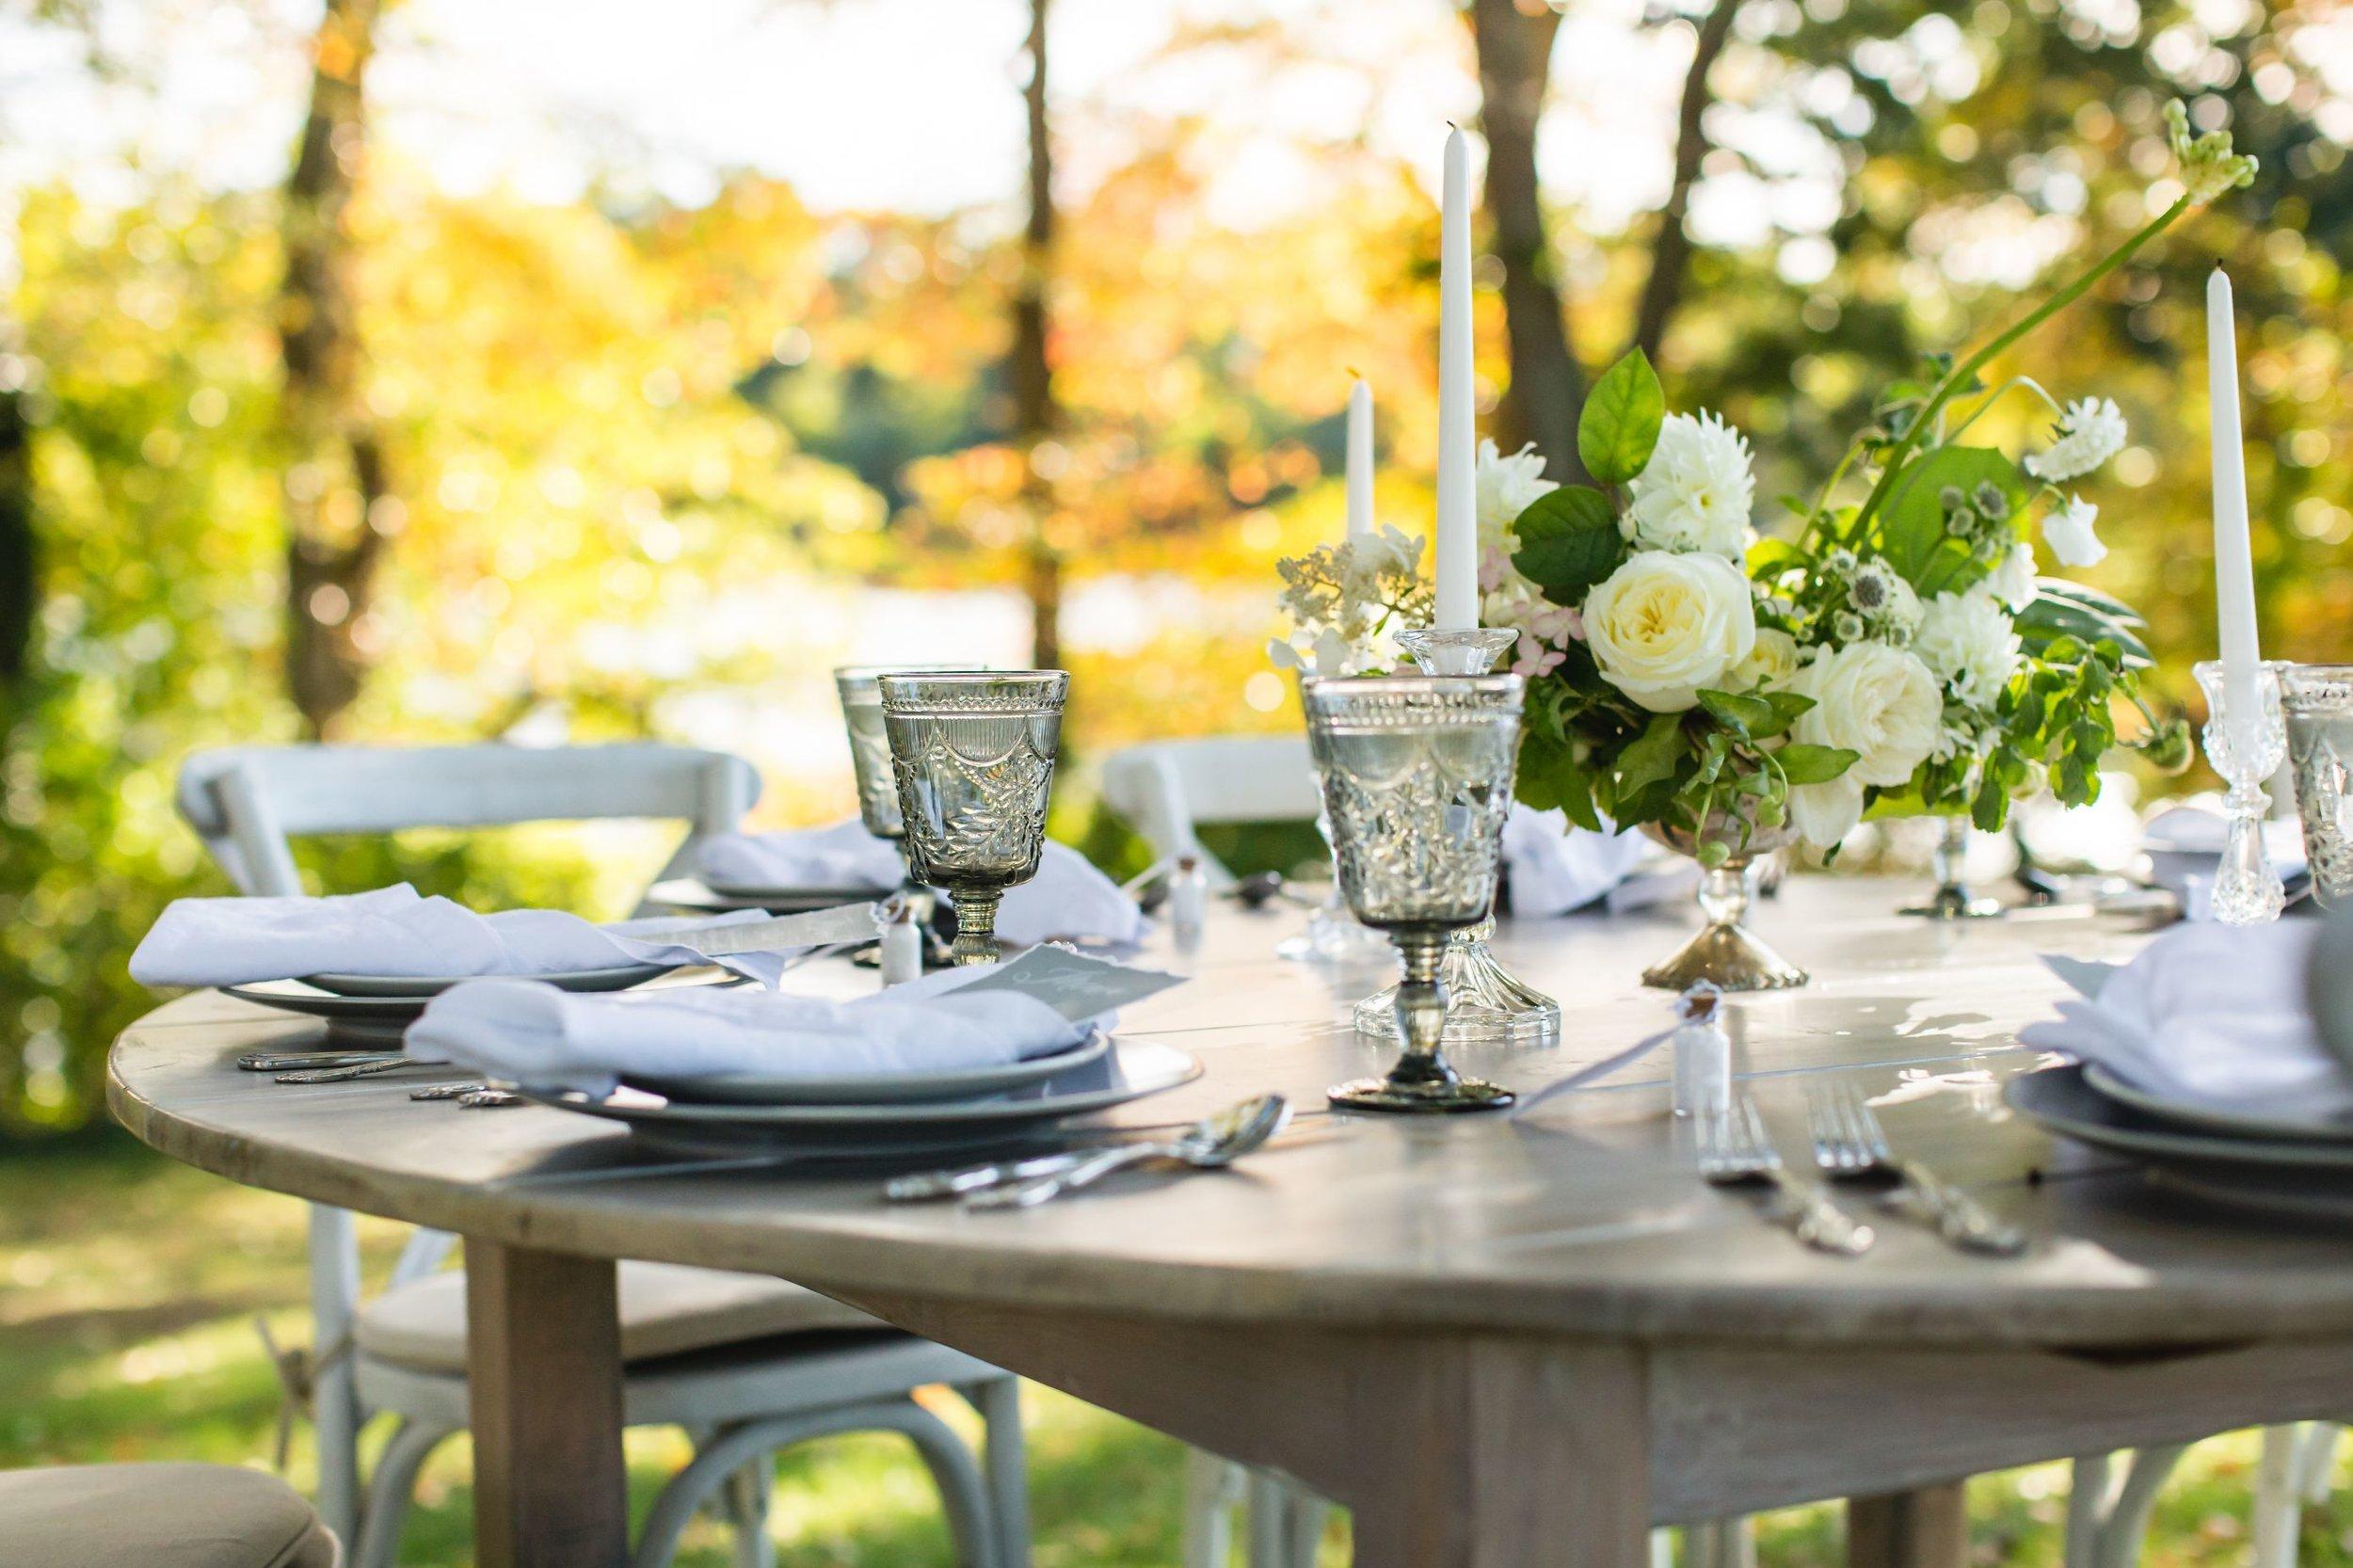 elevated-locale-bourne-farm-falmouth-wedding-daylynn-designs160.jpg